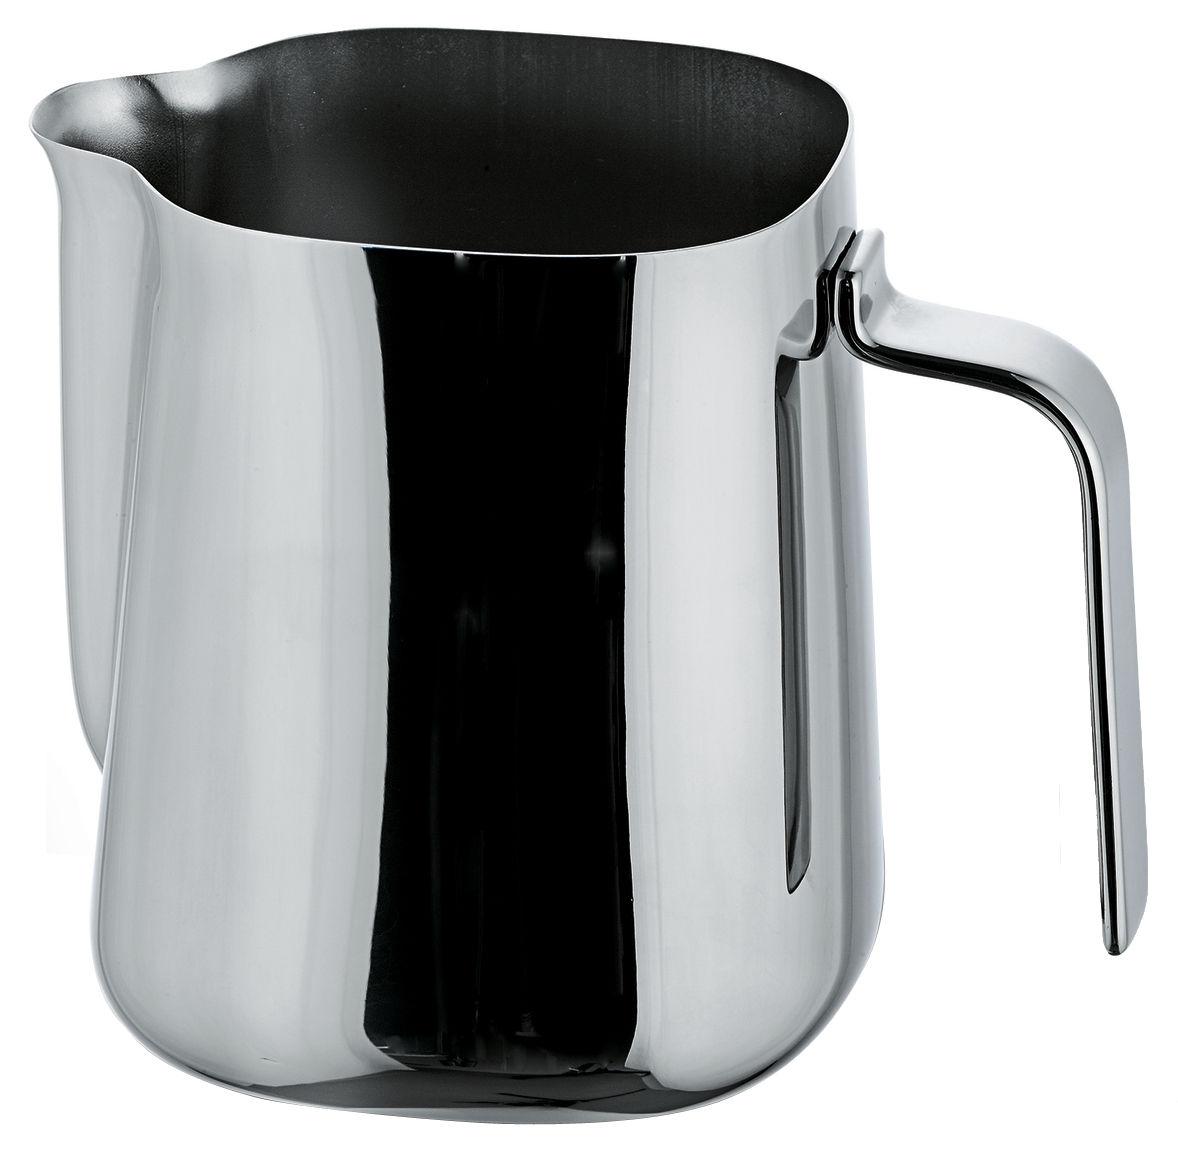 Cuisine - Sucriers, crémiers - Pot à lait 401 - A di Alessi - 3 tasses - Acier inoxydable